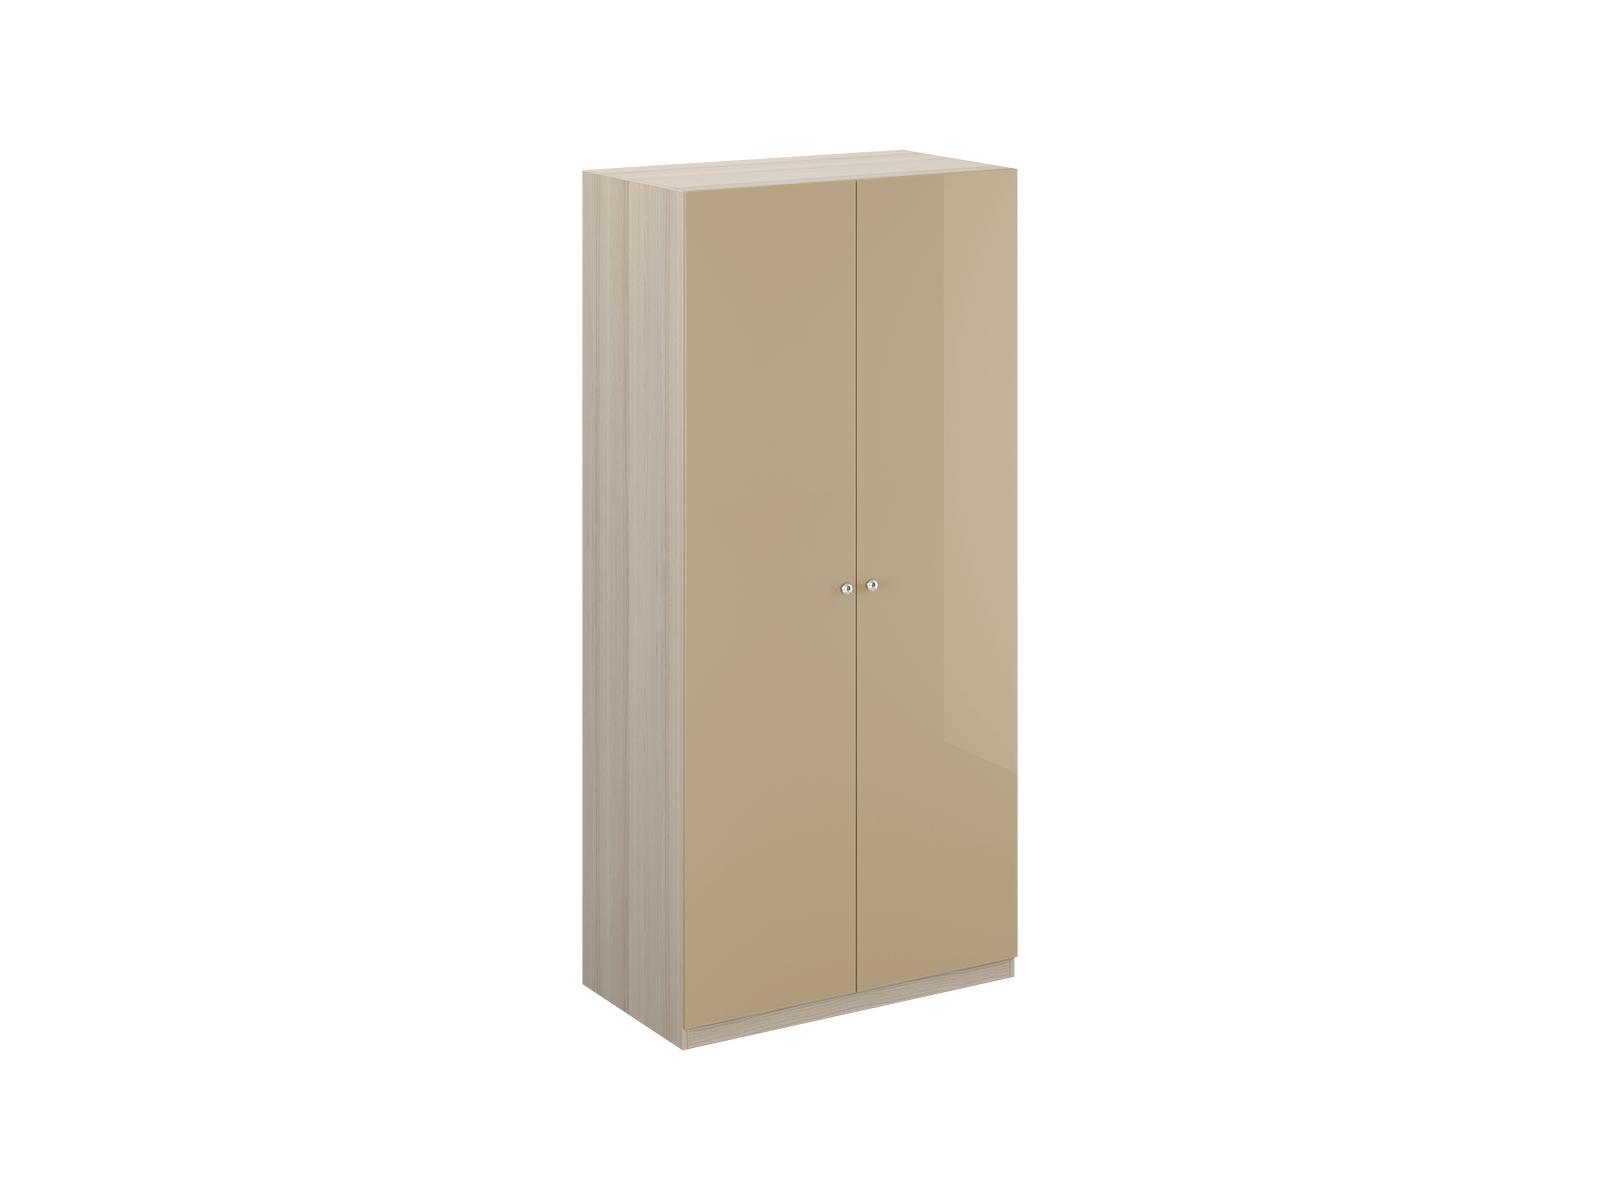 Шкаф Uno Ш2зПлатяные шкафы<br>Шкаф двухдверный с одной стационарной верхней и одной съемной нижней полками. На одной дверце шкафа с внутренней стороны расположено зеркало. Установлен на регулируемые опоры. Данную мебель рекомендуется крепить к стене. Ручки и внутренние элементы продаются отдельно.<br><br>Material: ДСП<br>Width см: 110<br>Depth см: 60<br>Height см: 233